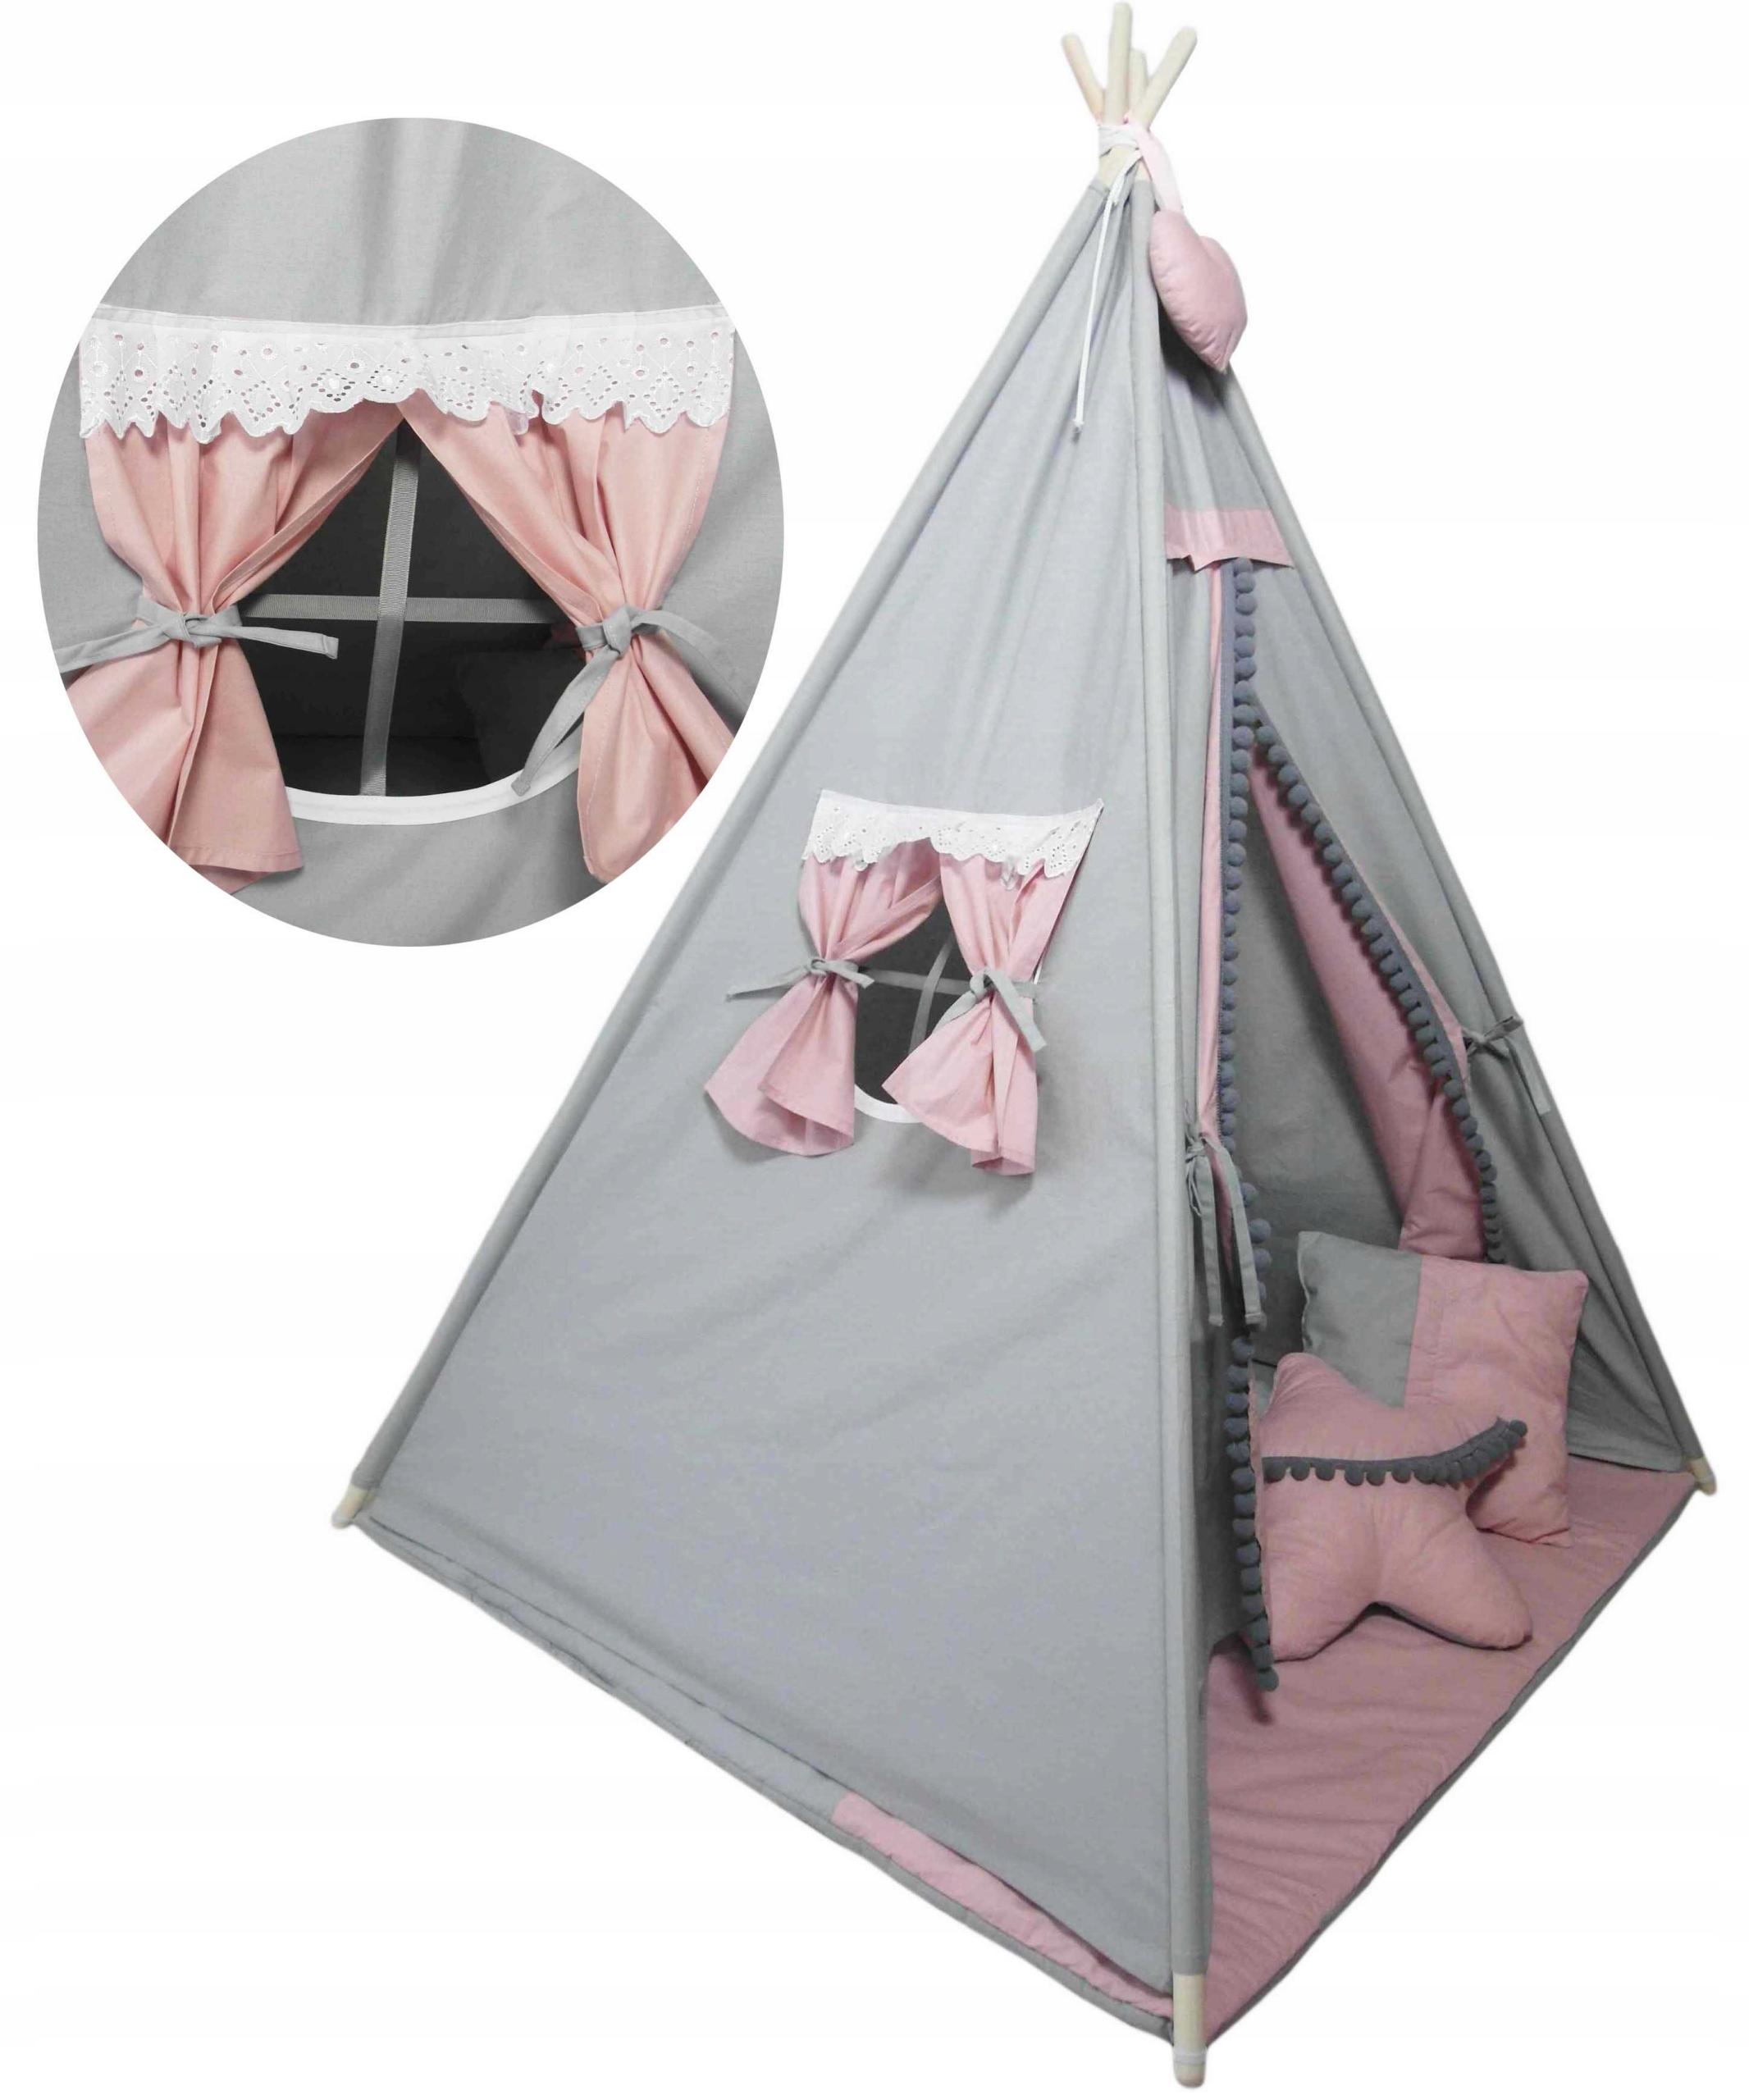 Хлопковая палатка Teepee Wigwam для детей Бесплатно!